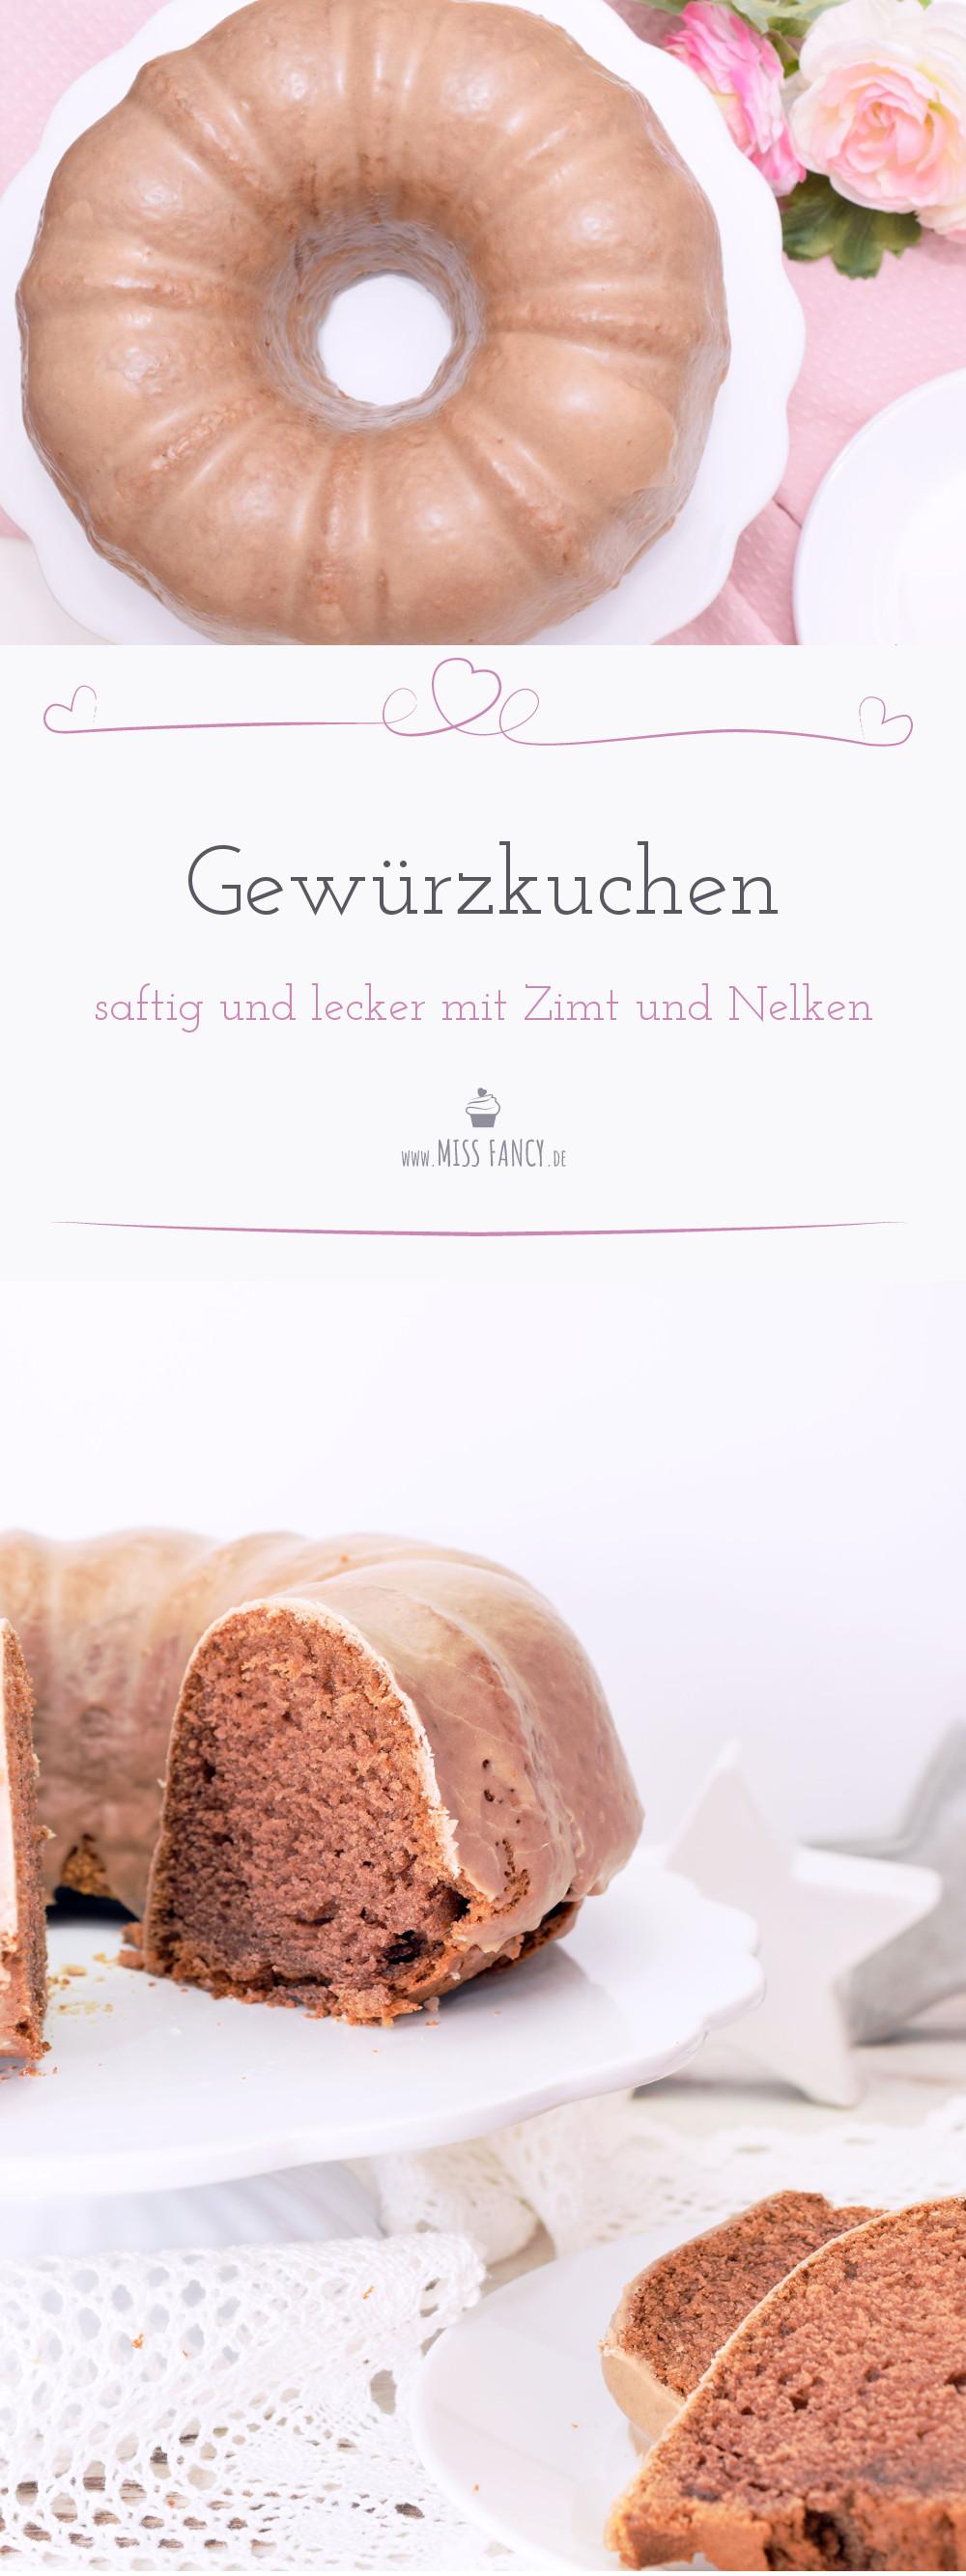 Rezept-Gewürzkuchen-Weihnachten-Winterzeit